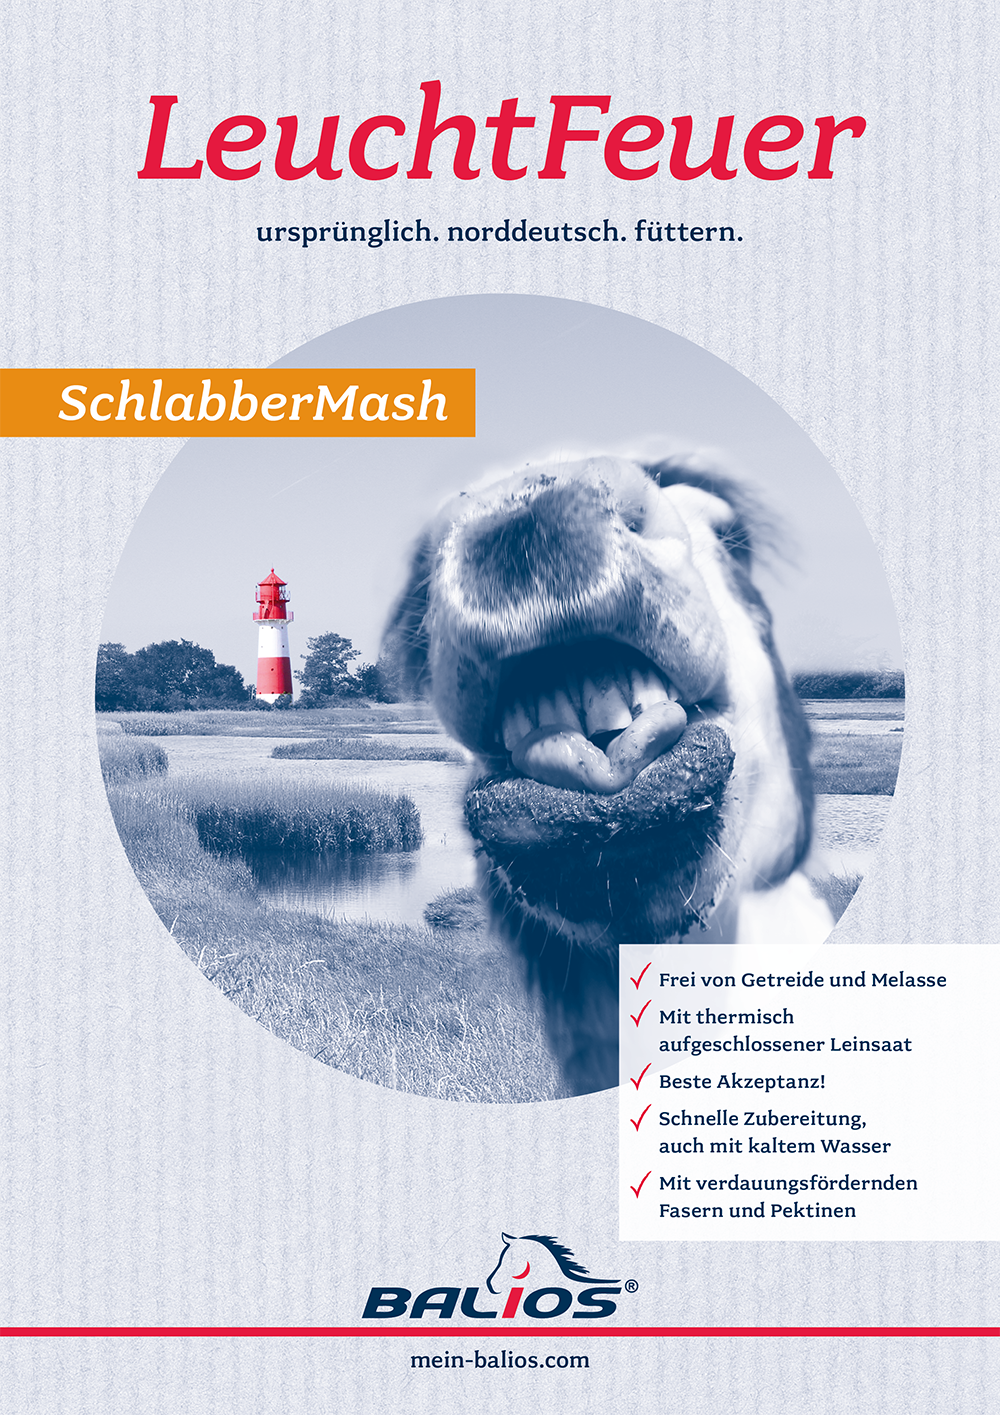 BALIOS Leuchtfeuer SCHLABBER-MASH